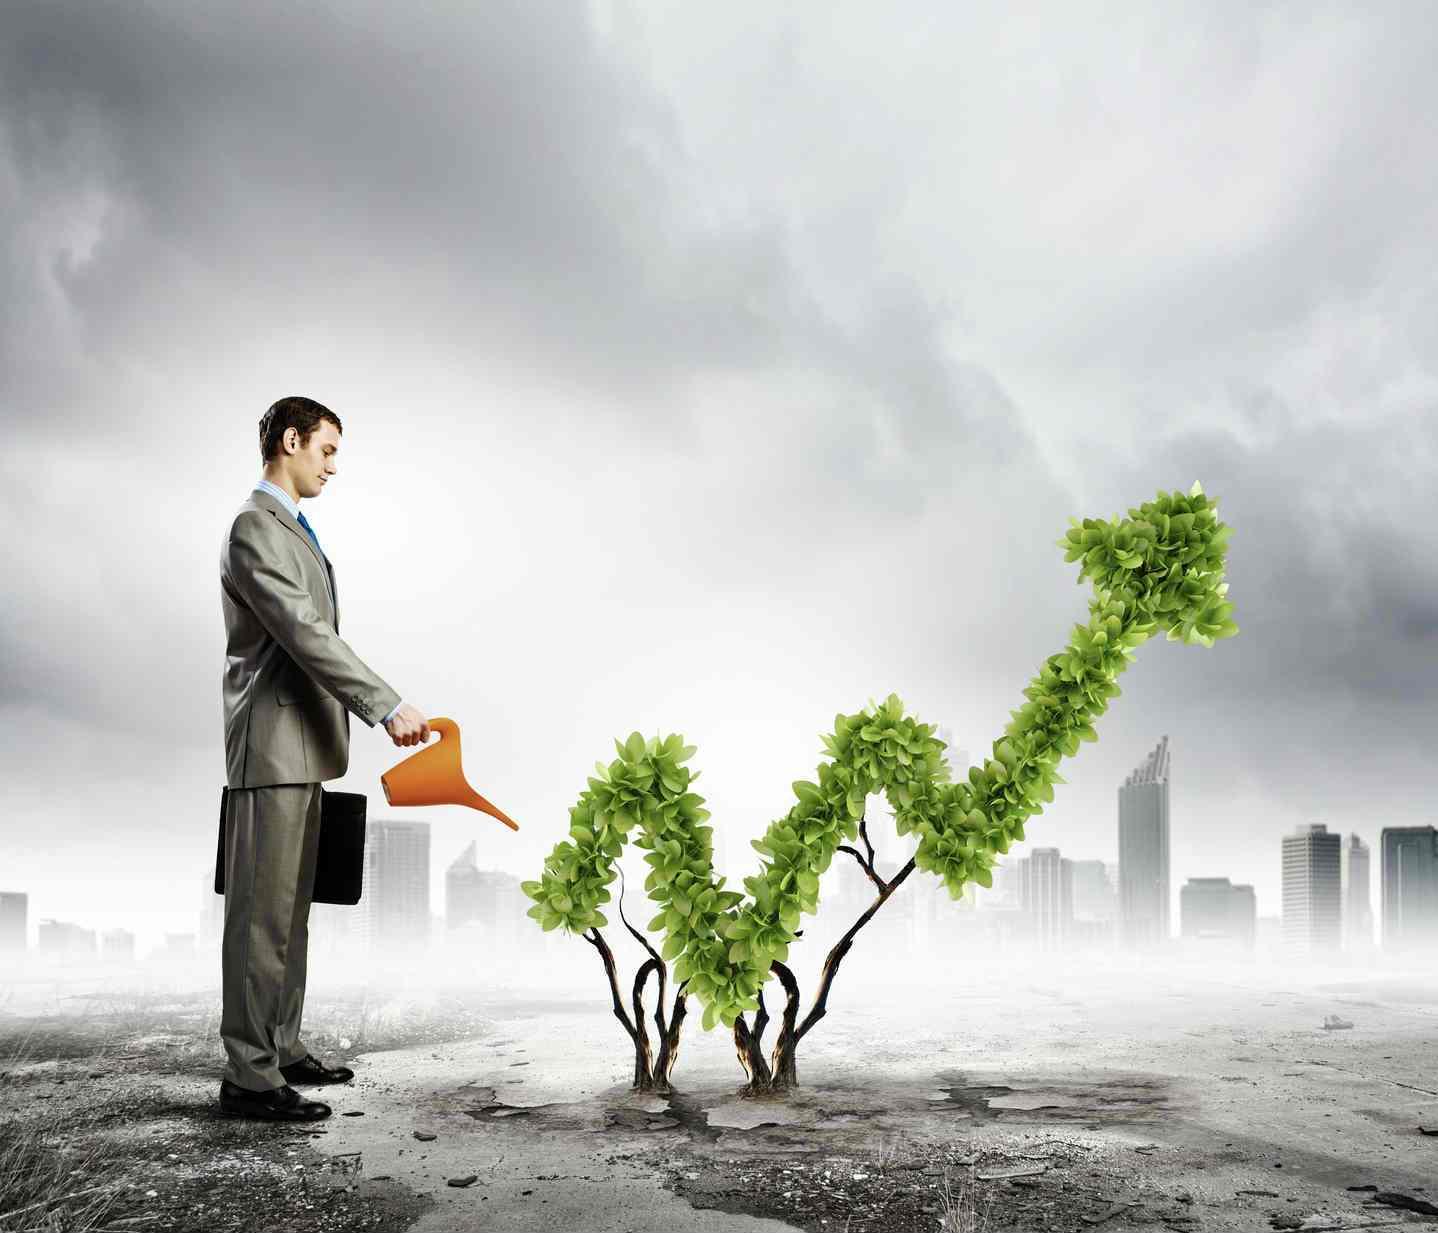 Прямые и портфельные инвестиции: понятия, отличия, плюсы и минусы